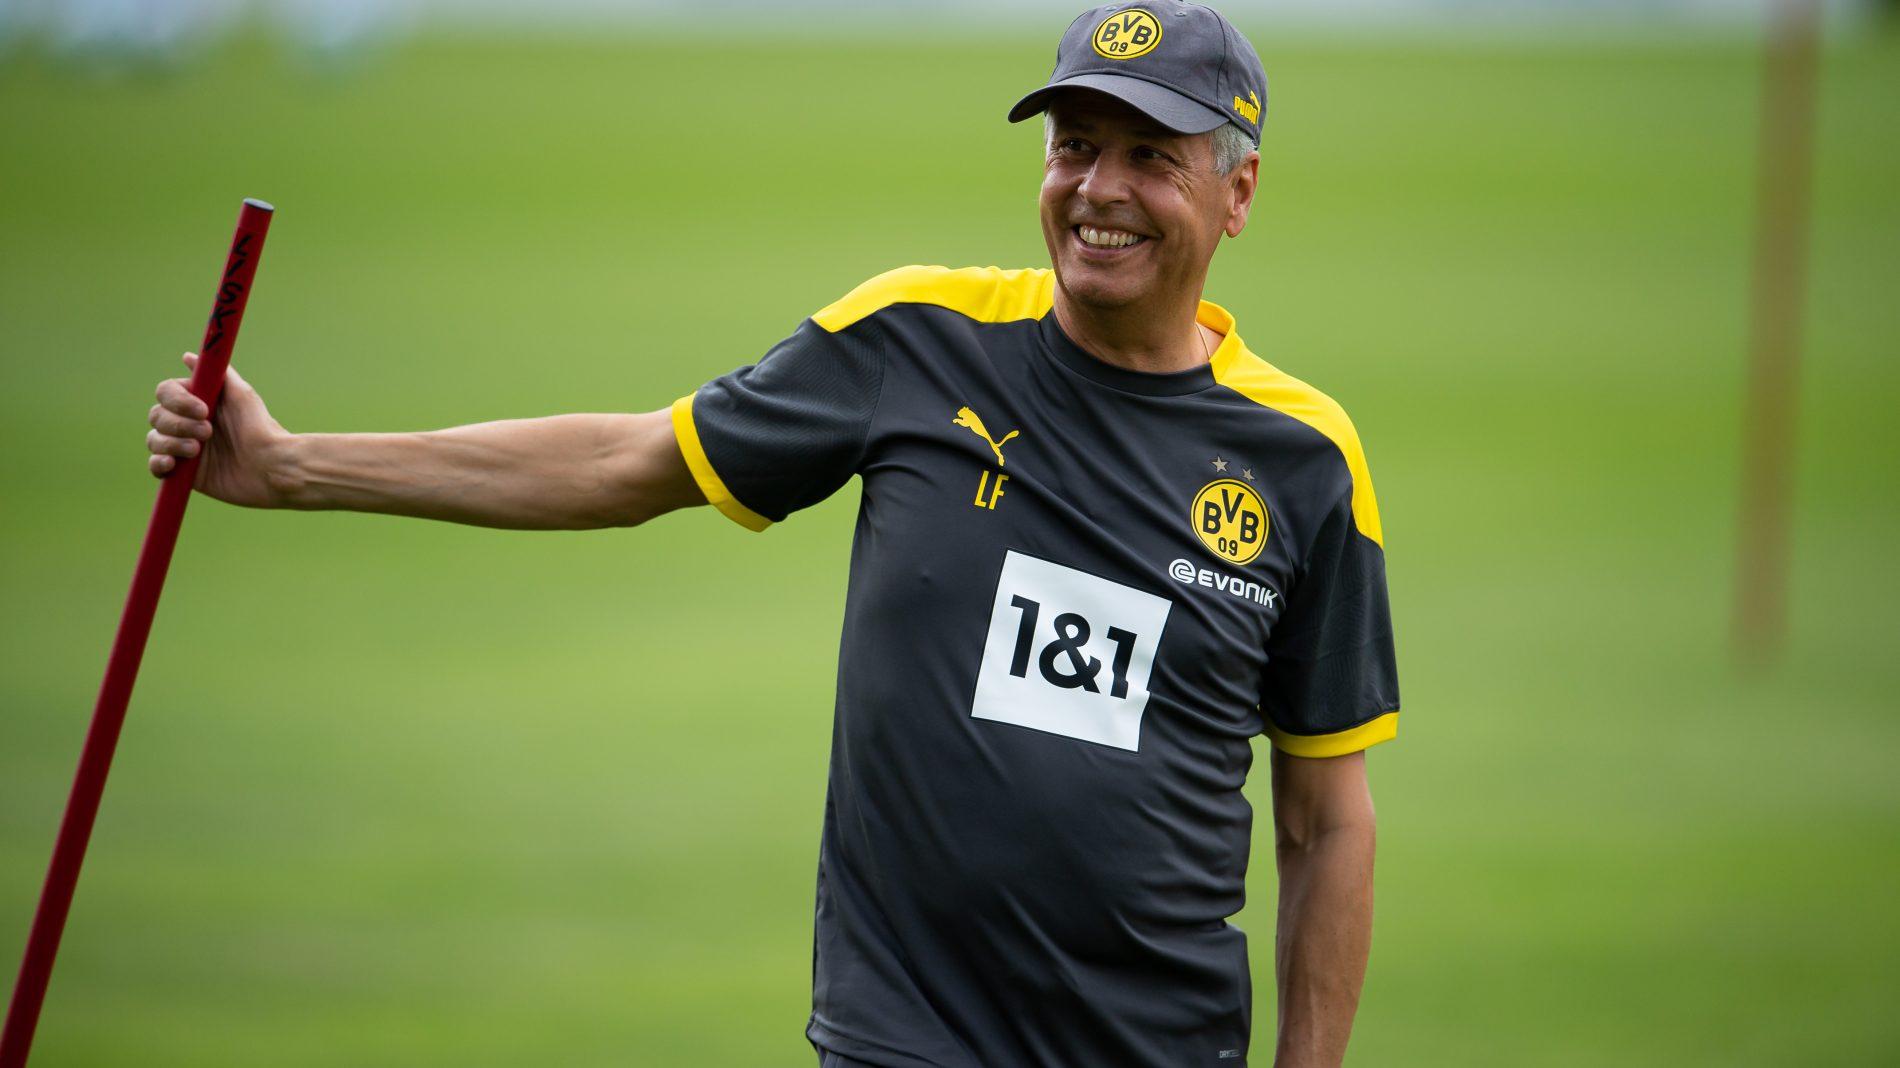 科瓦奇:我早就说法夫尔是个好教练,只是挑战拜仁太难了